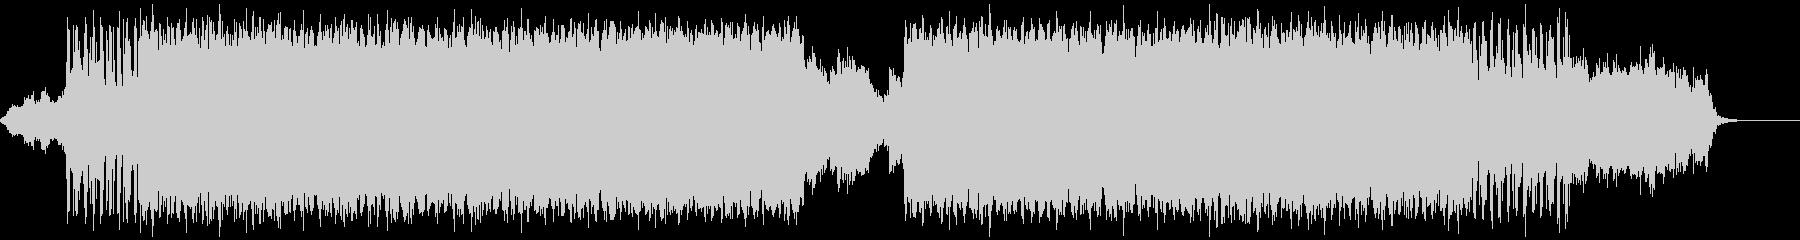 シンセとキックと808で跳ねるレゲトンの未再生の波形